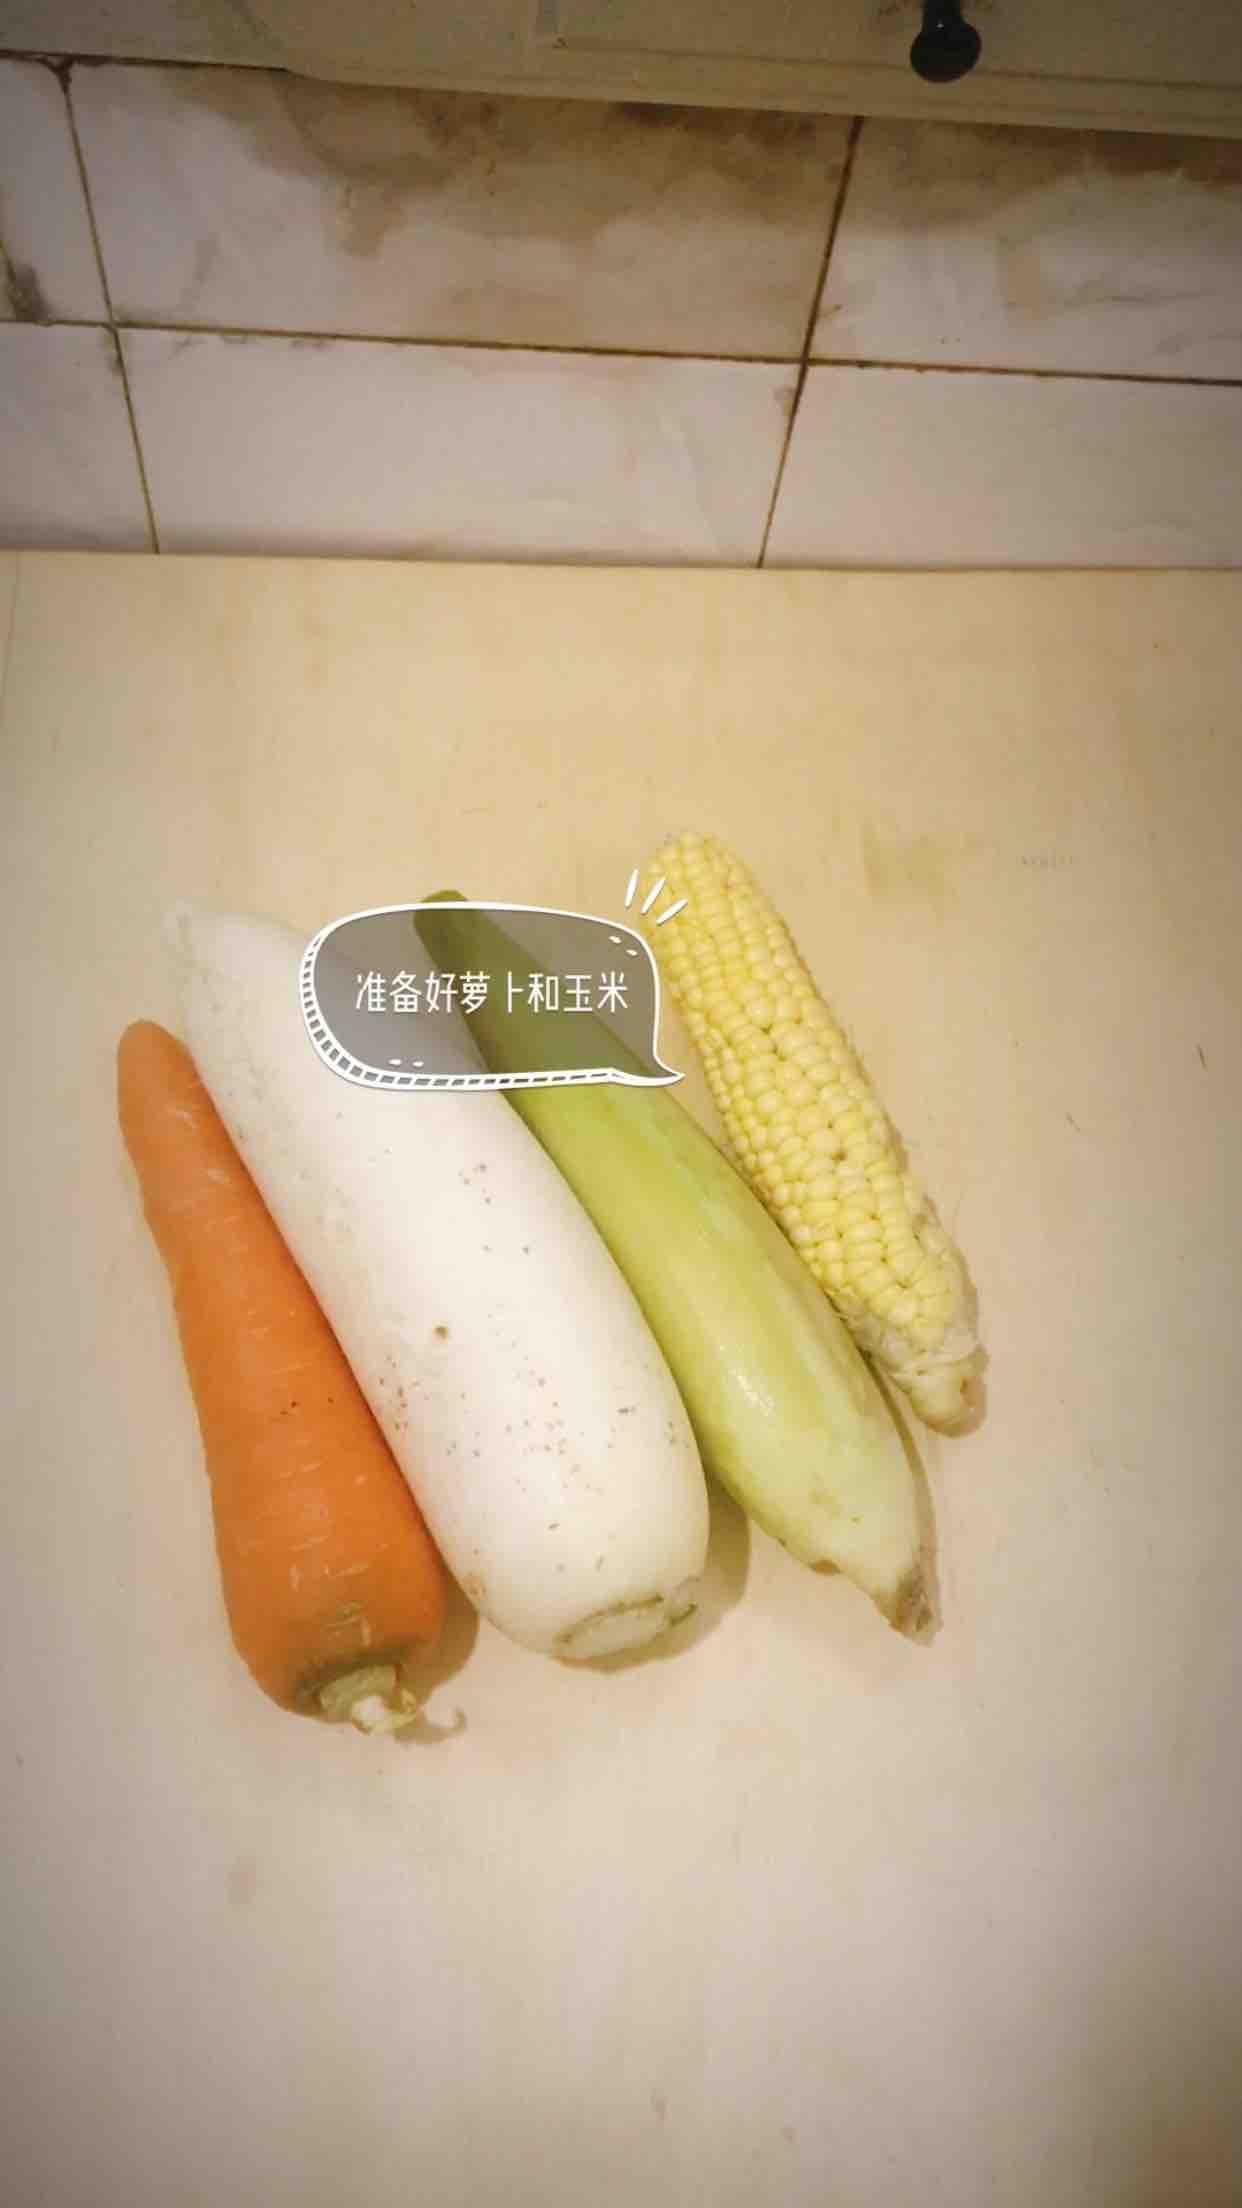 萝卜玉米羊肉汤的做法大全